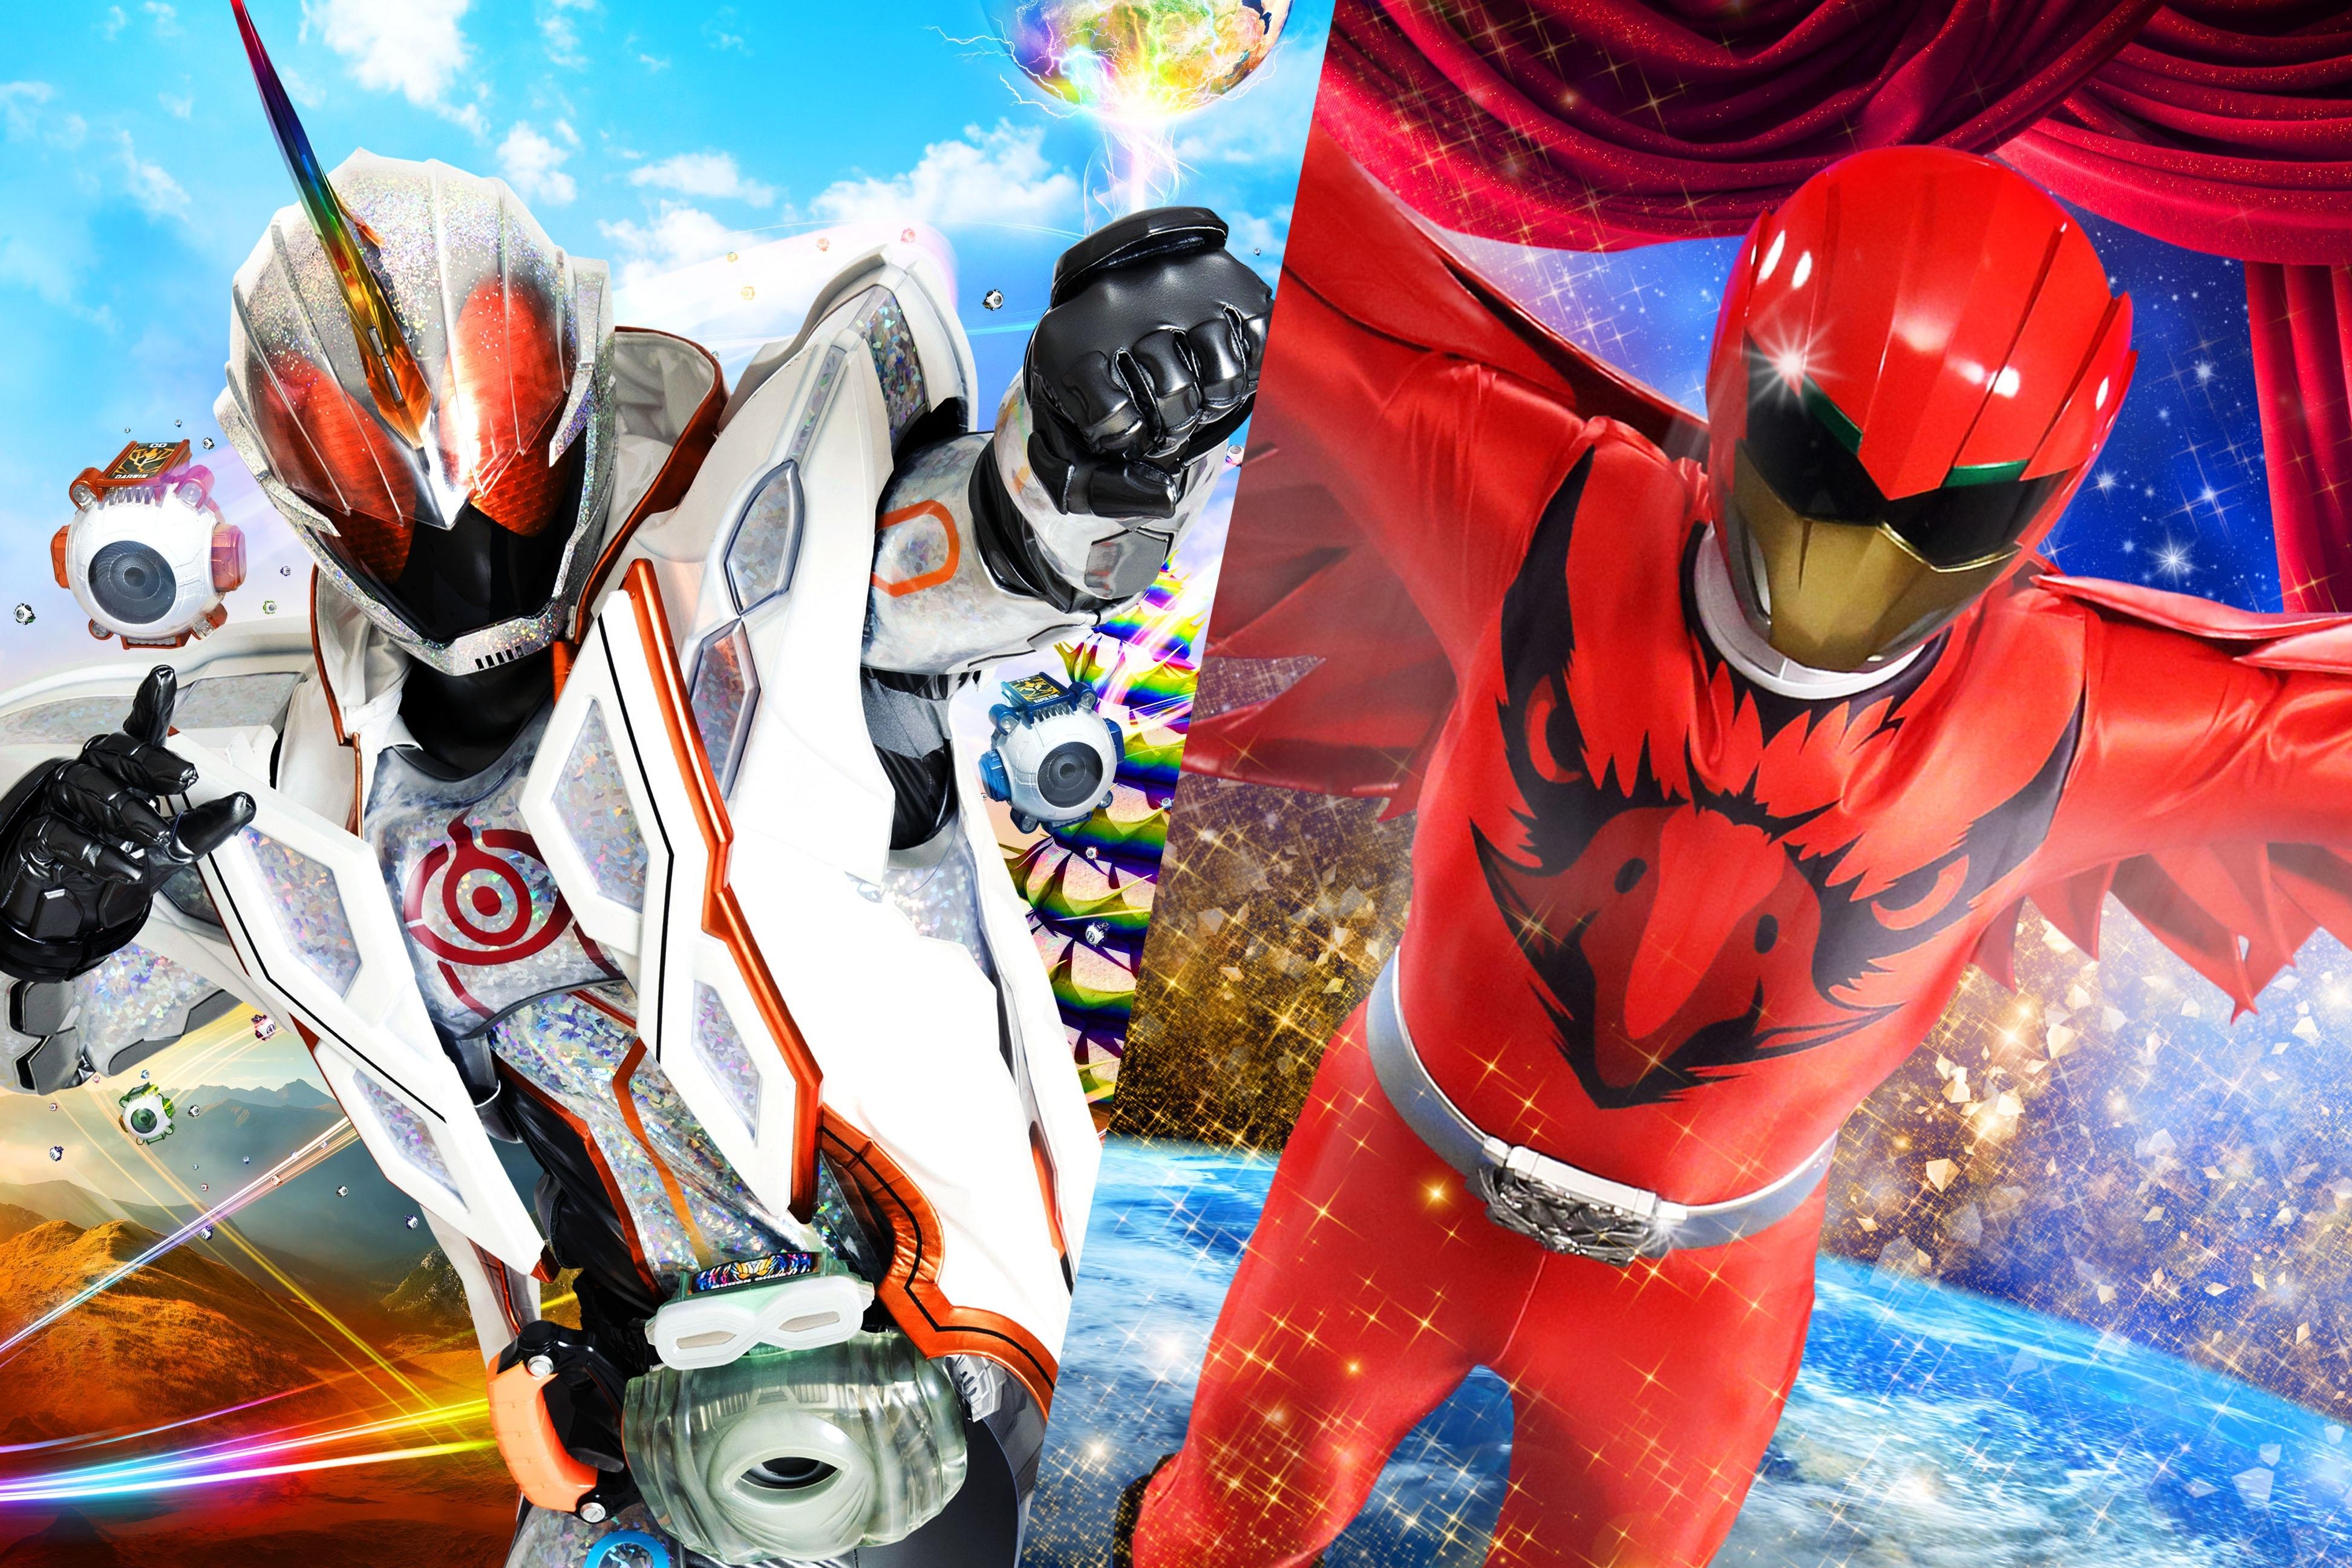 ゴジラだけの夏ではもったいない!!仮面ライダー&スーパー戦隊劇場版を忘れるな!